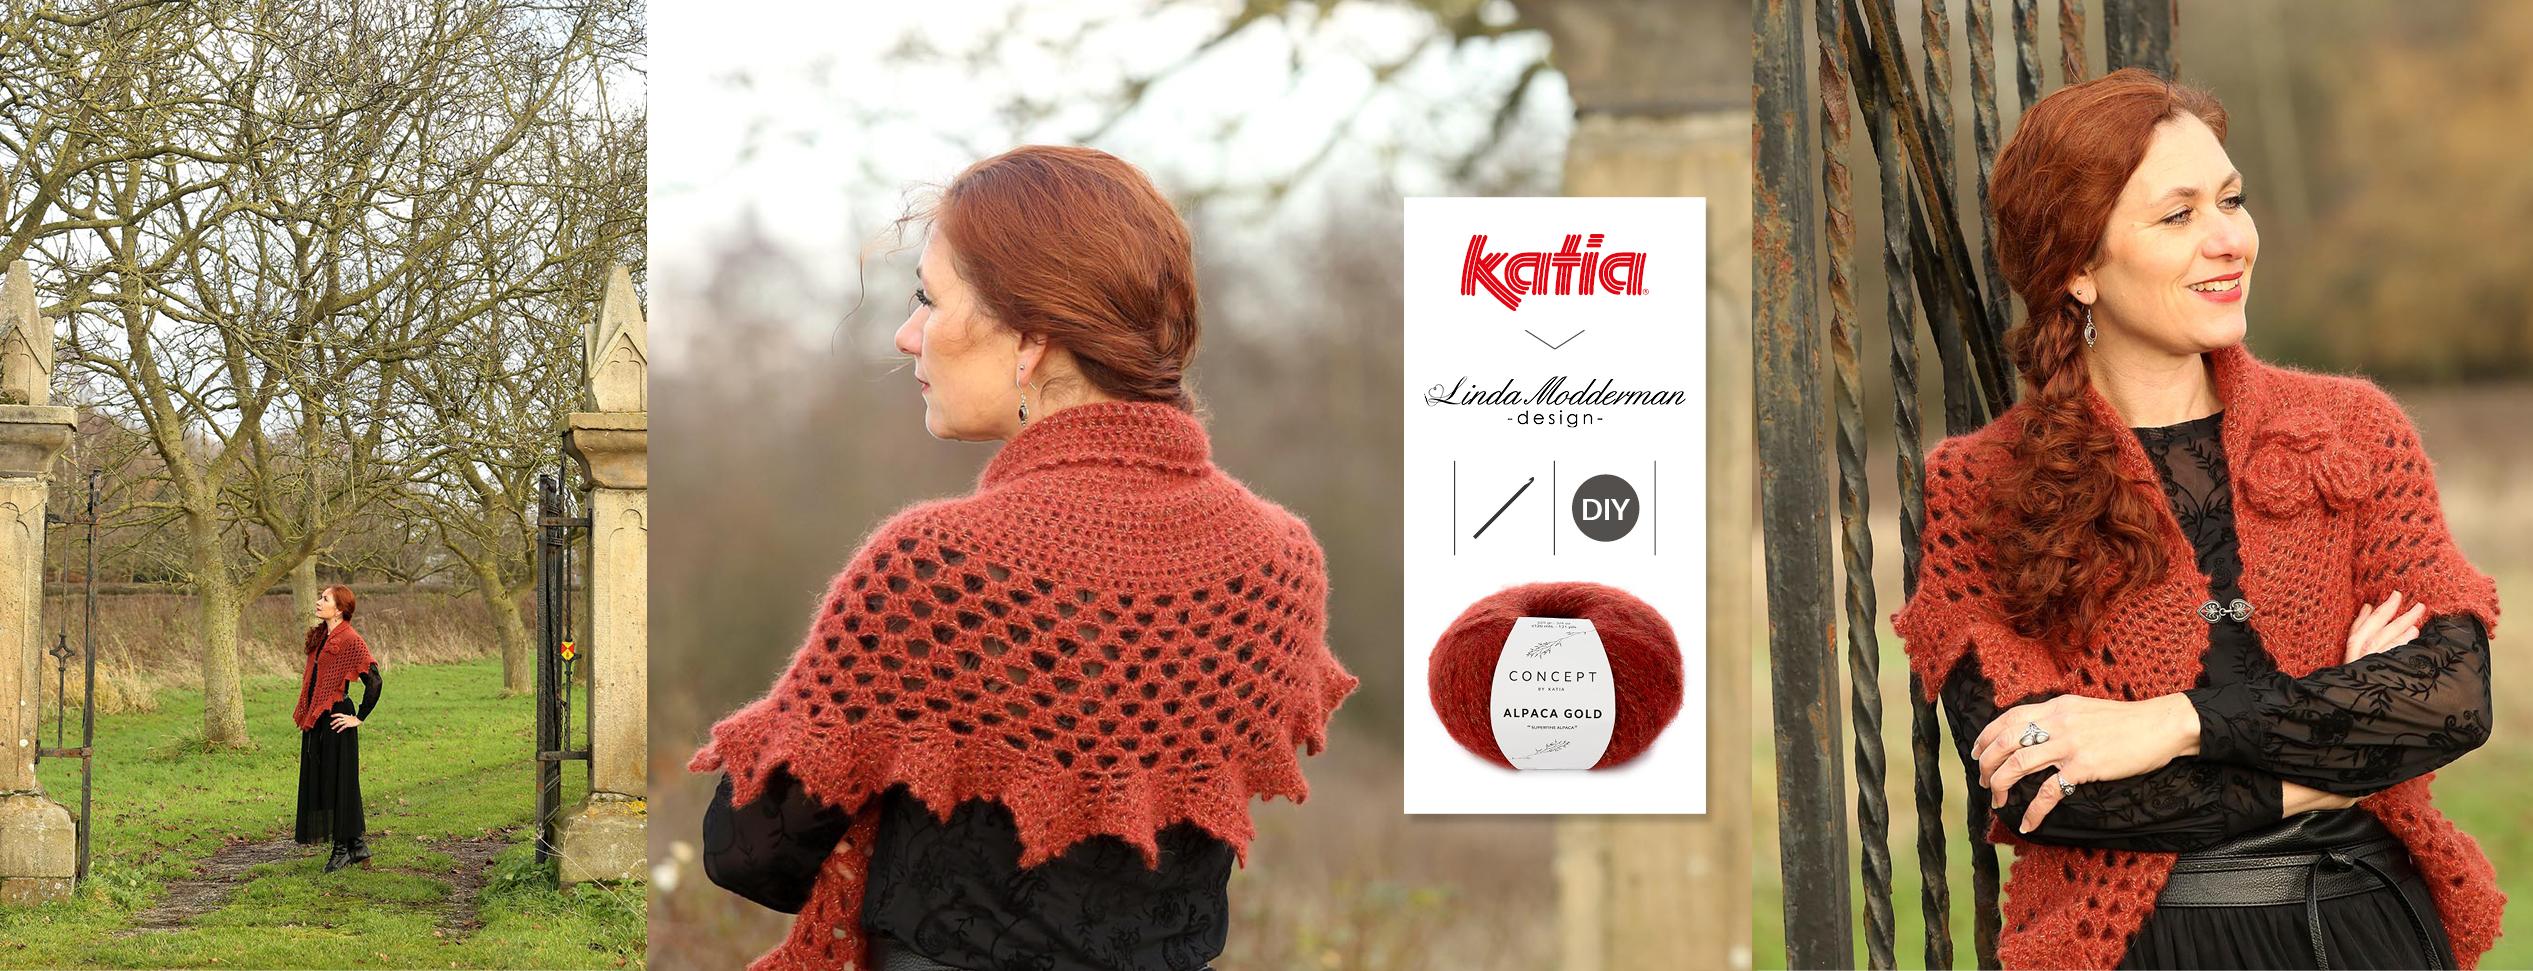 picot edge shawl